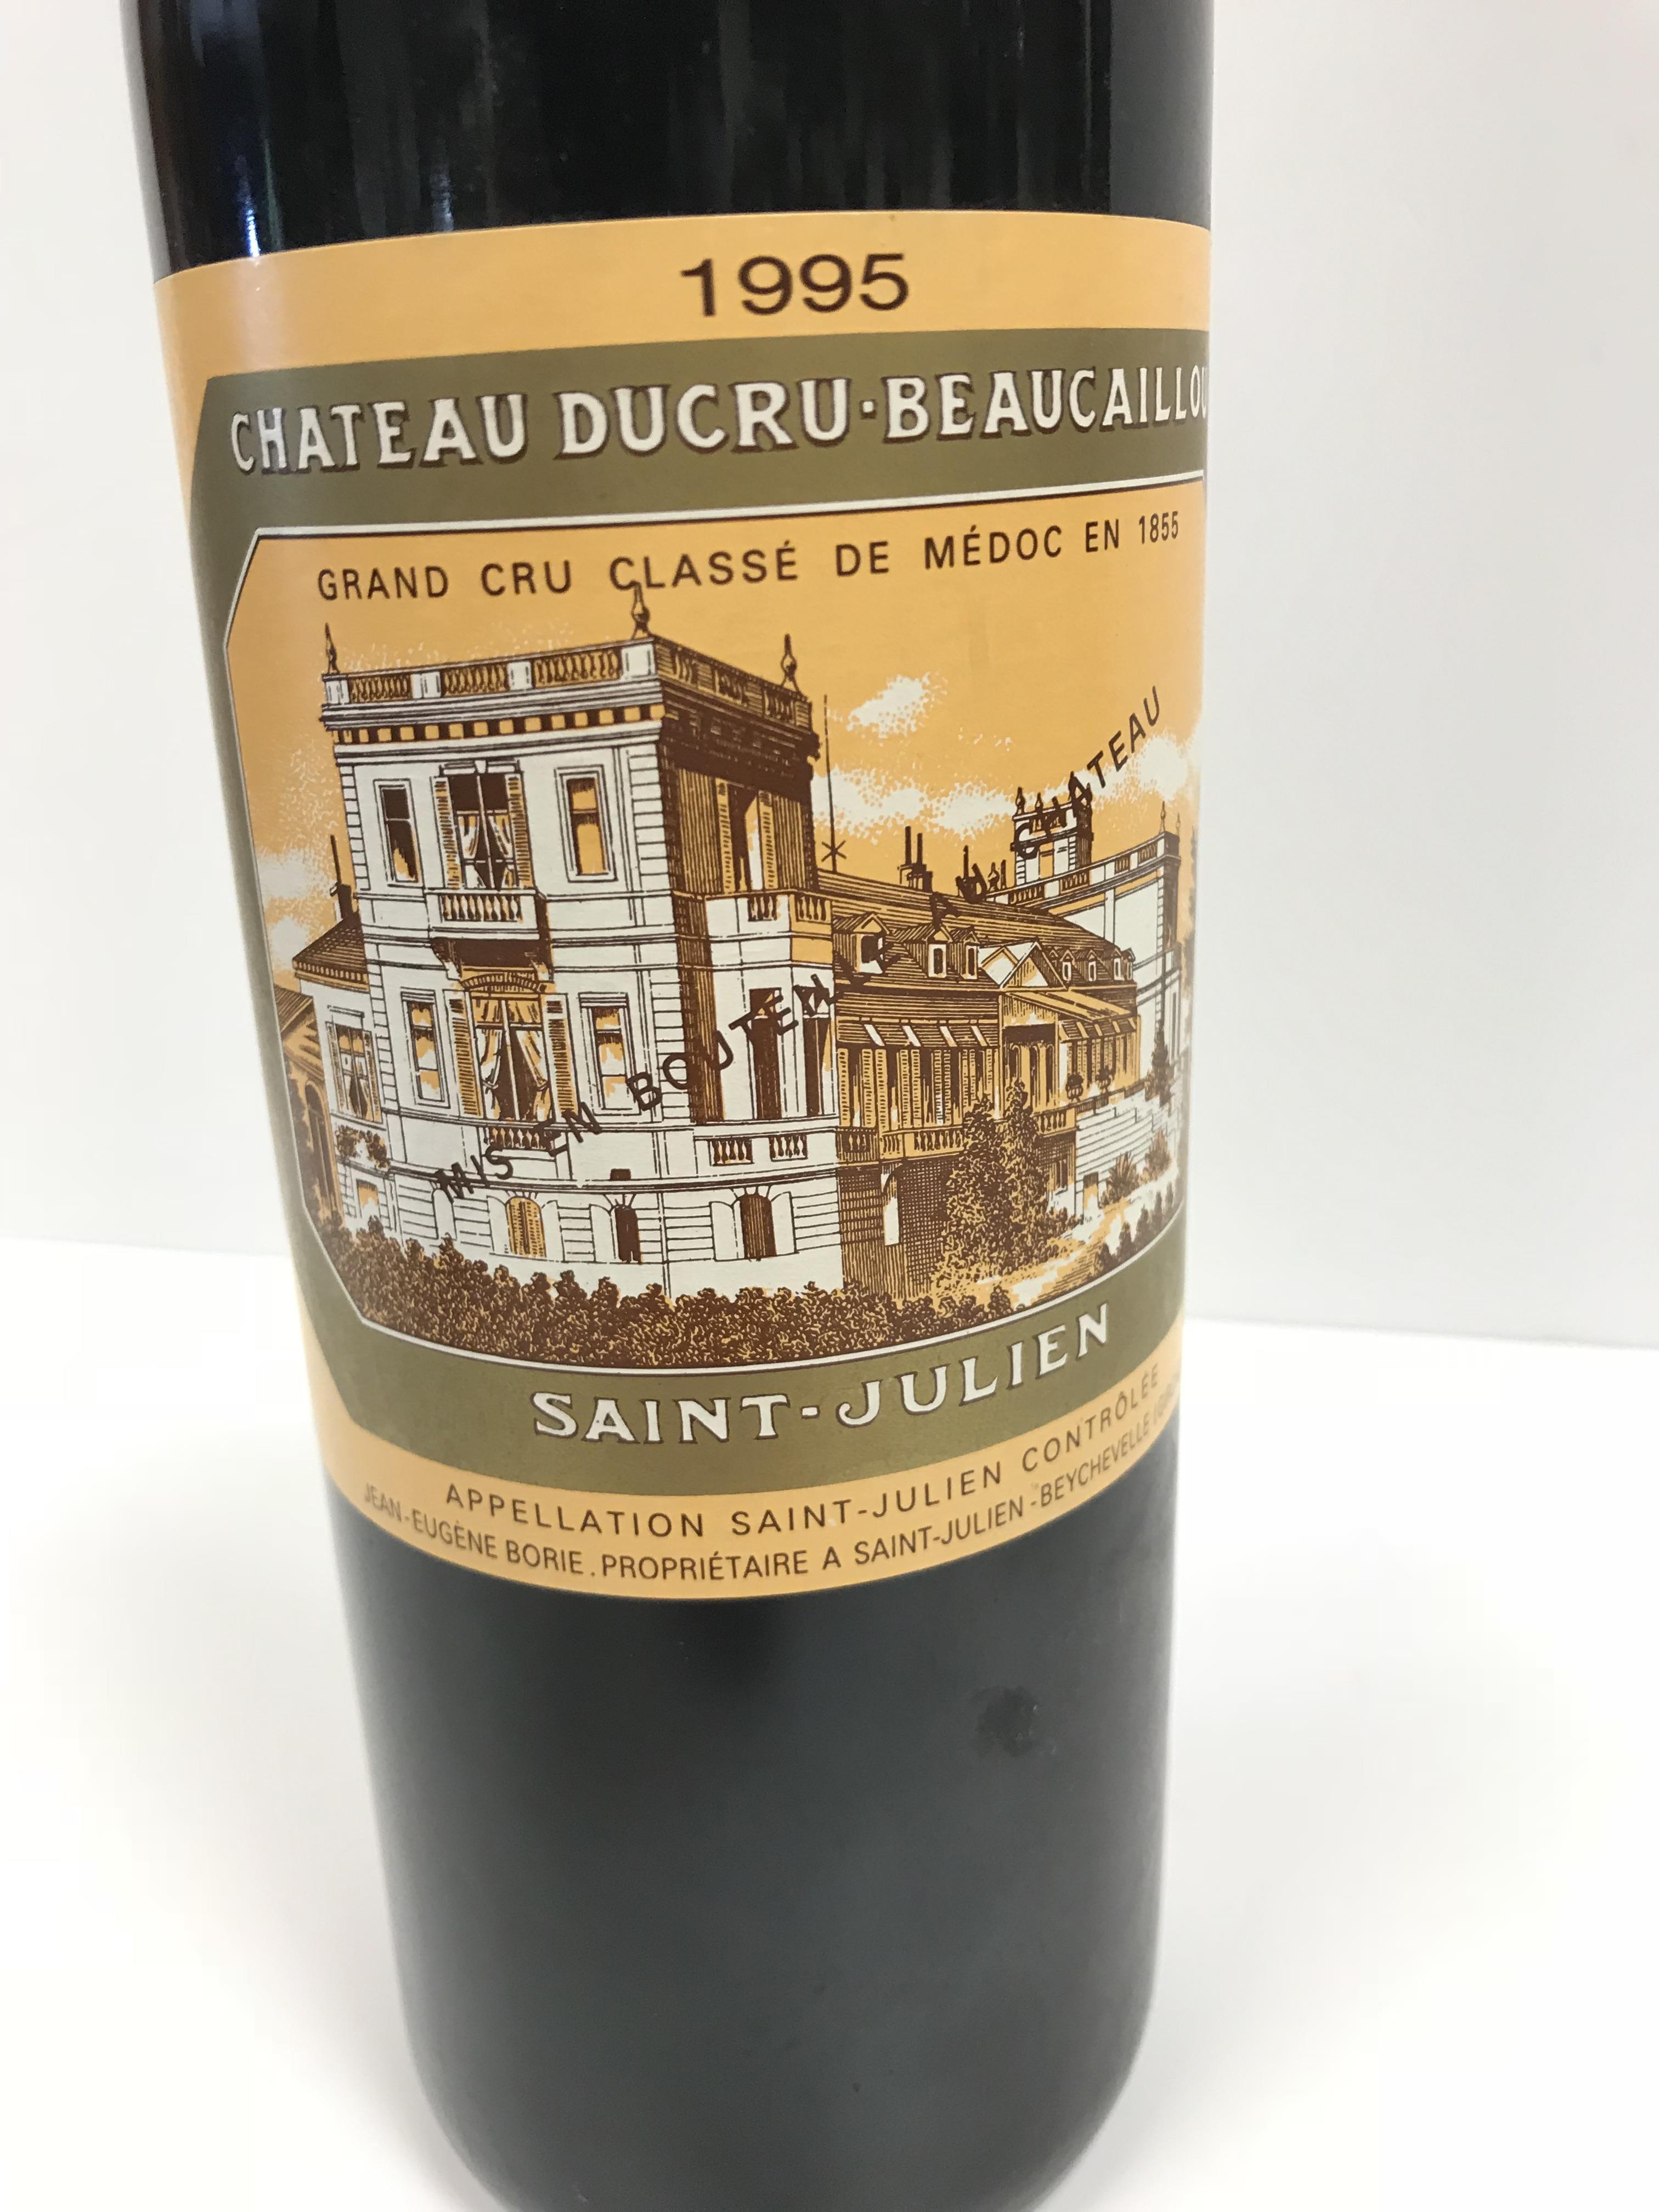 Chateau Ducru Beaucaillou Saint Julien 1995 x 1 bottle, Warre's Vintage Port 1991 x 1 bottle, - Image 4 of 14